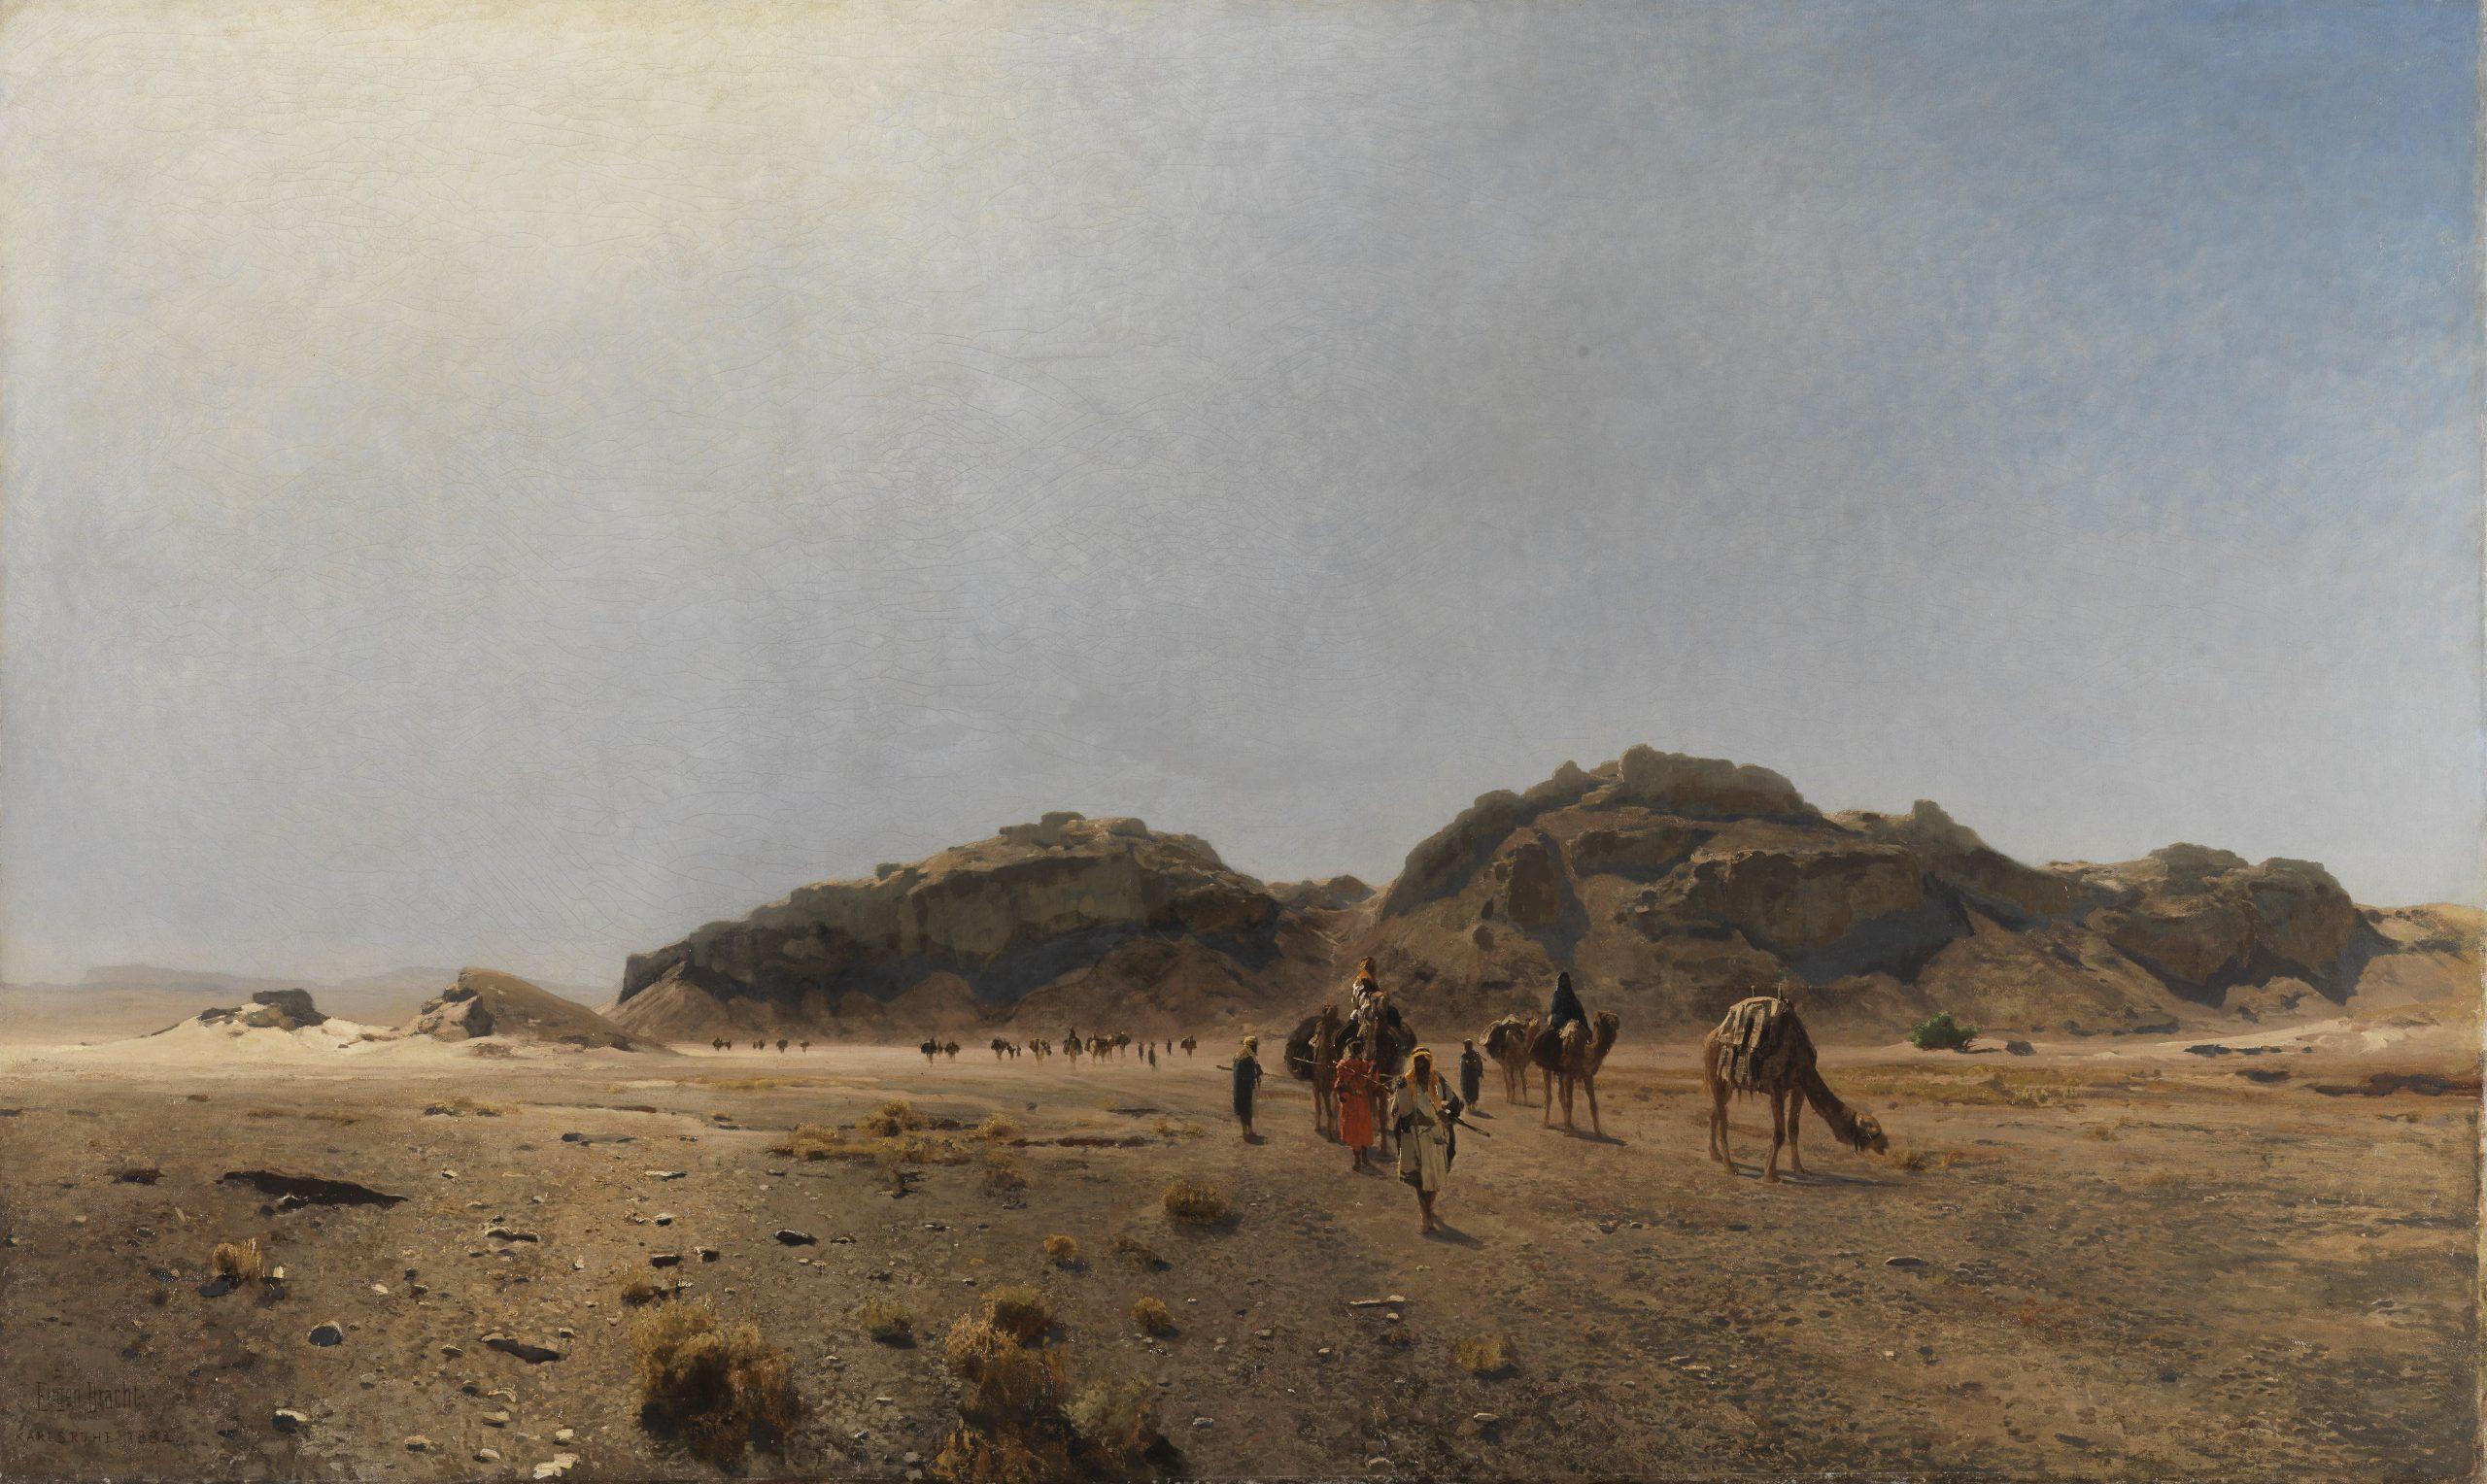 In the Araba Desert - Eugen Bracht, 1882